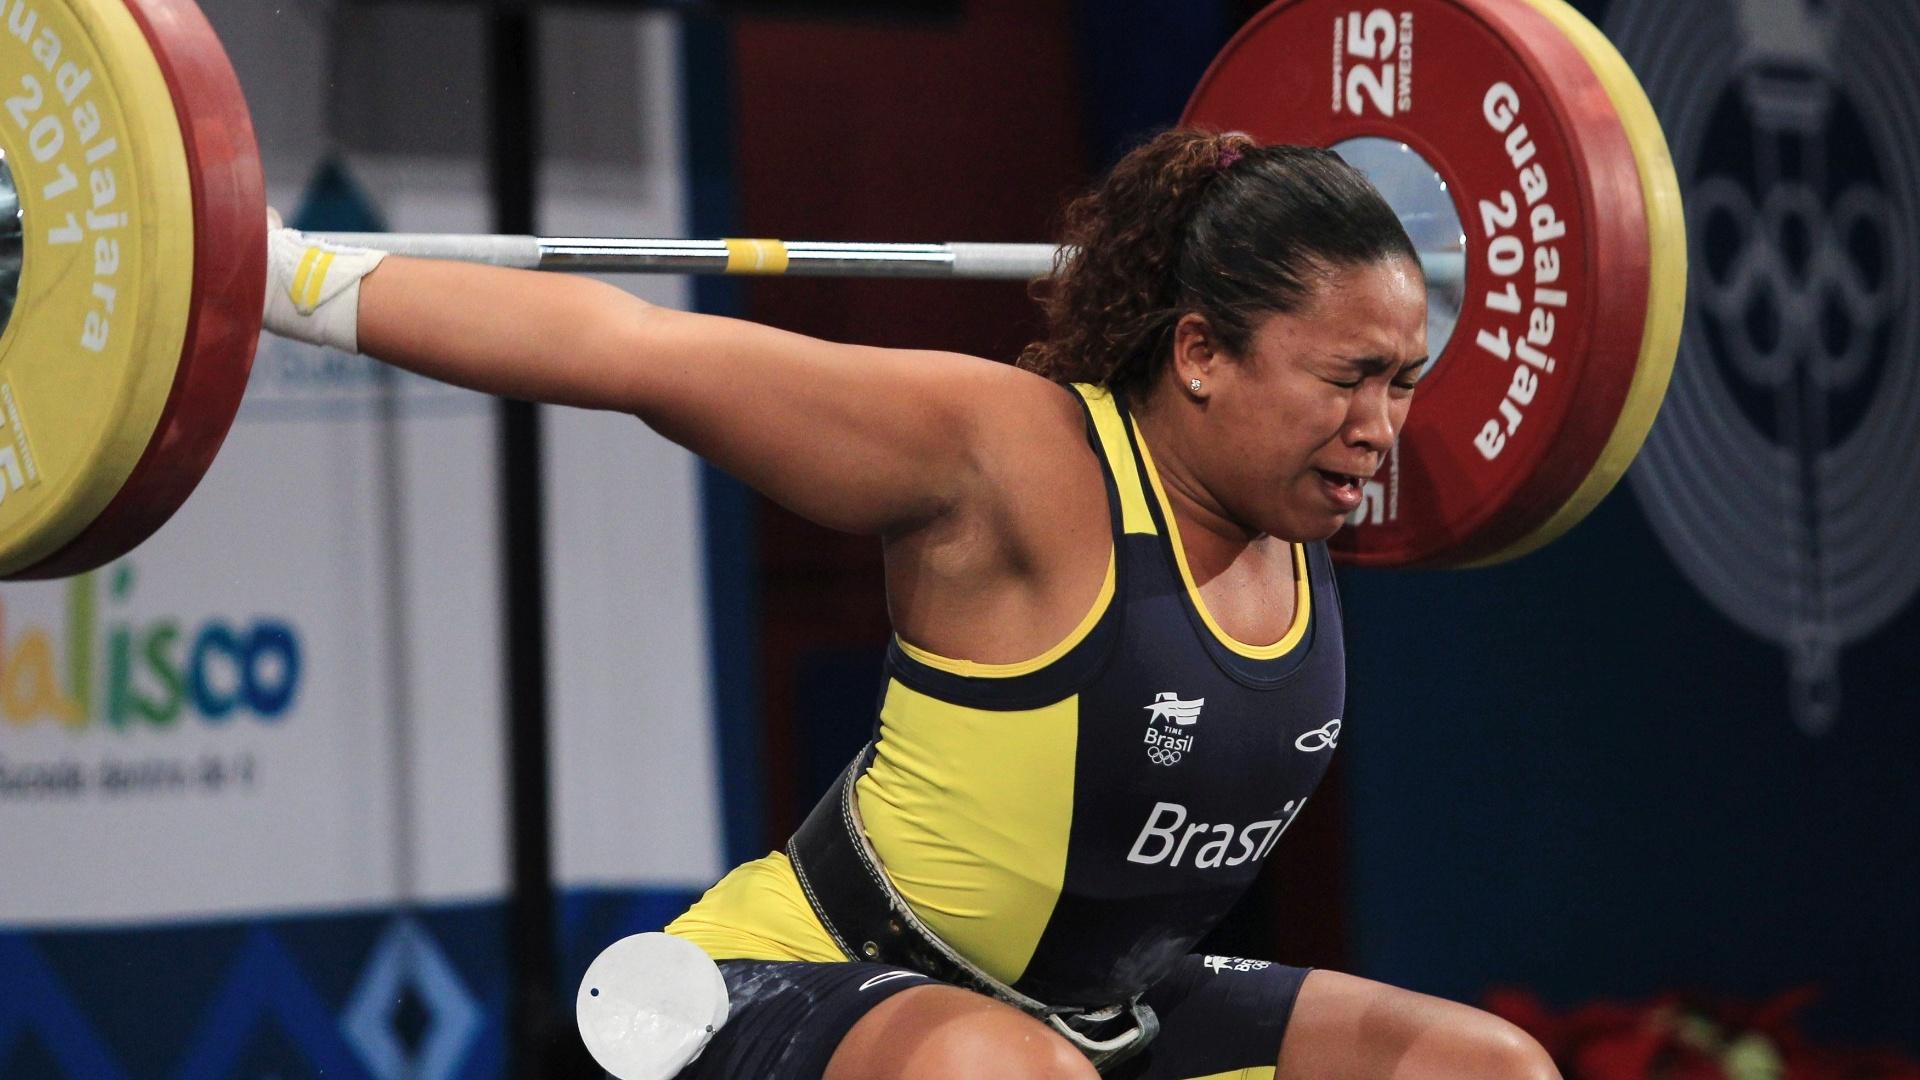 Jaqueline Ferreira falha em todas as tentativas durante o levantamento de peso, categoria até 75 kg